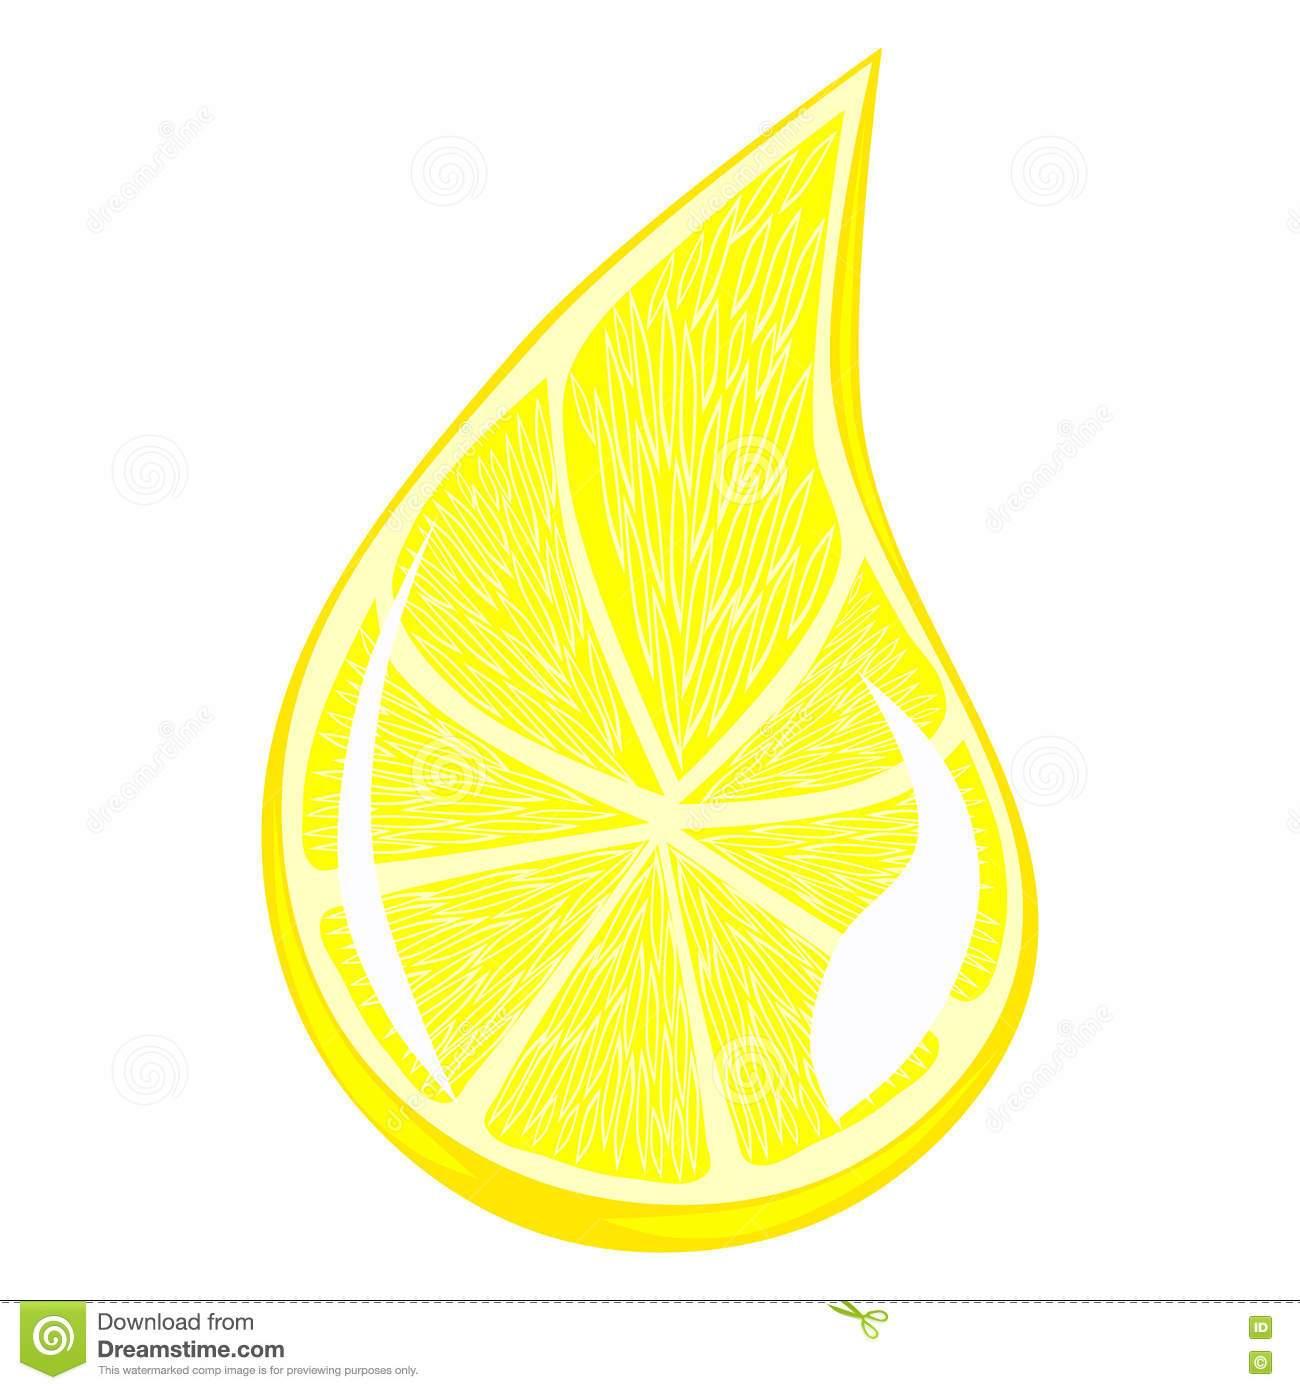 Lemon drop clipart 7 » Clipart Portal.